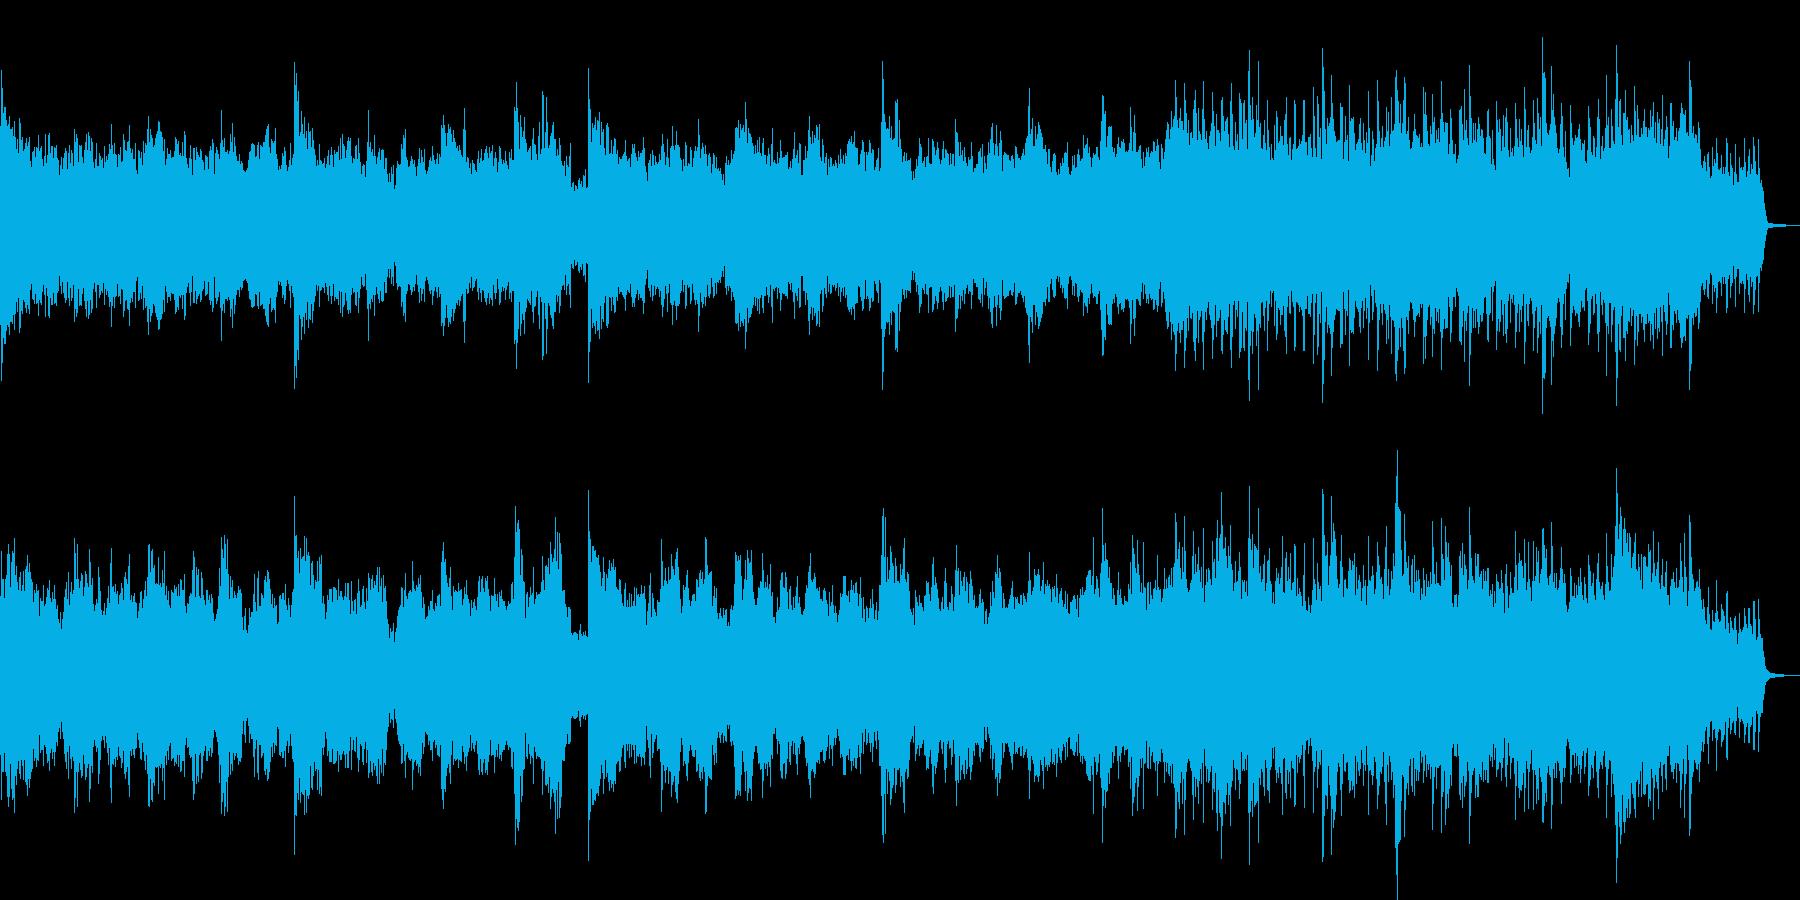 結婚式卒業式感動系に合うBGMの再生済みの波形